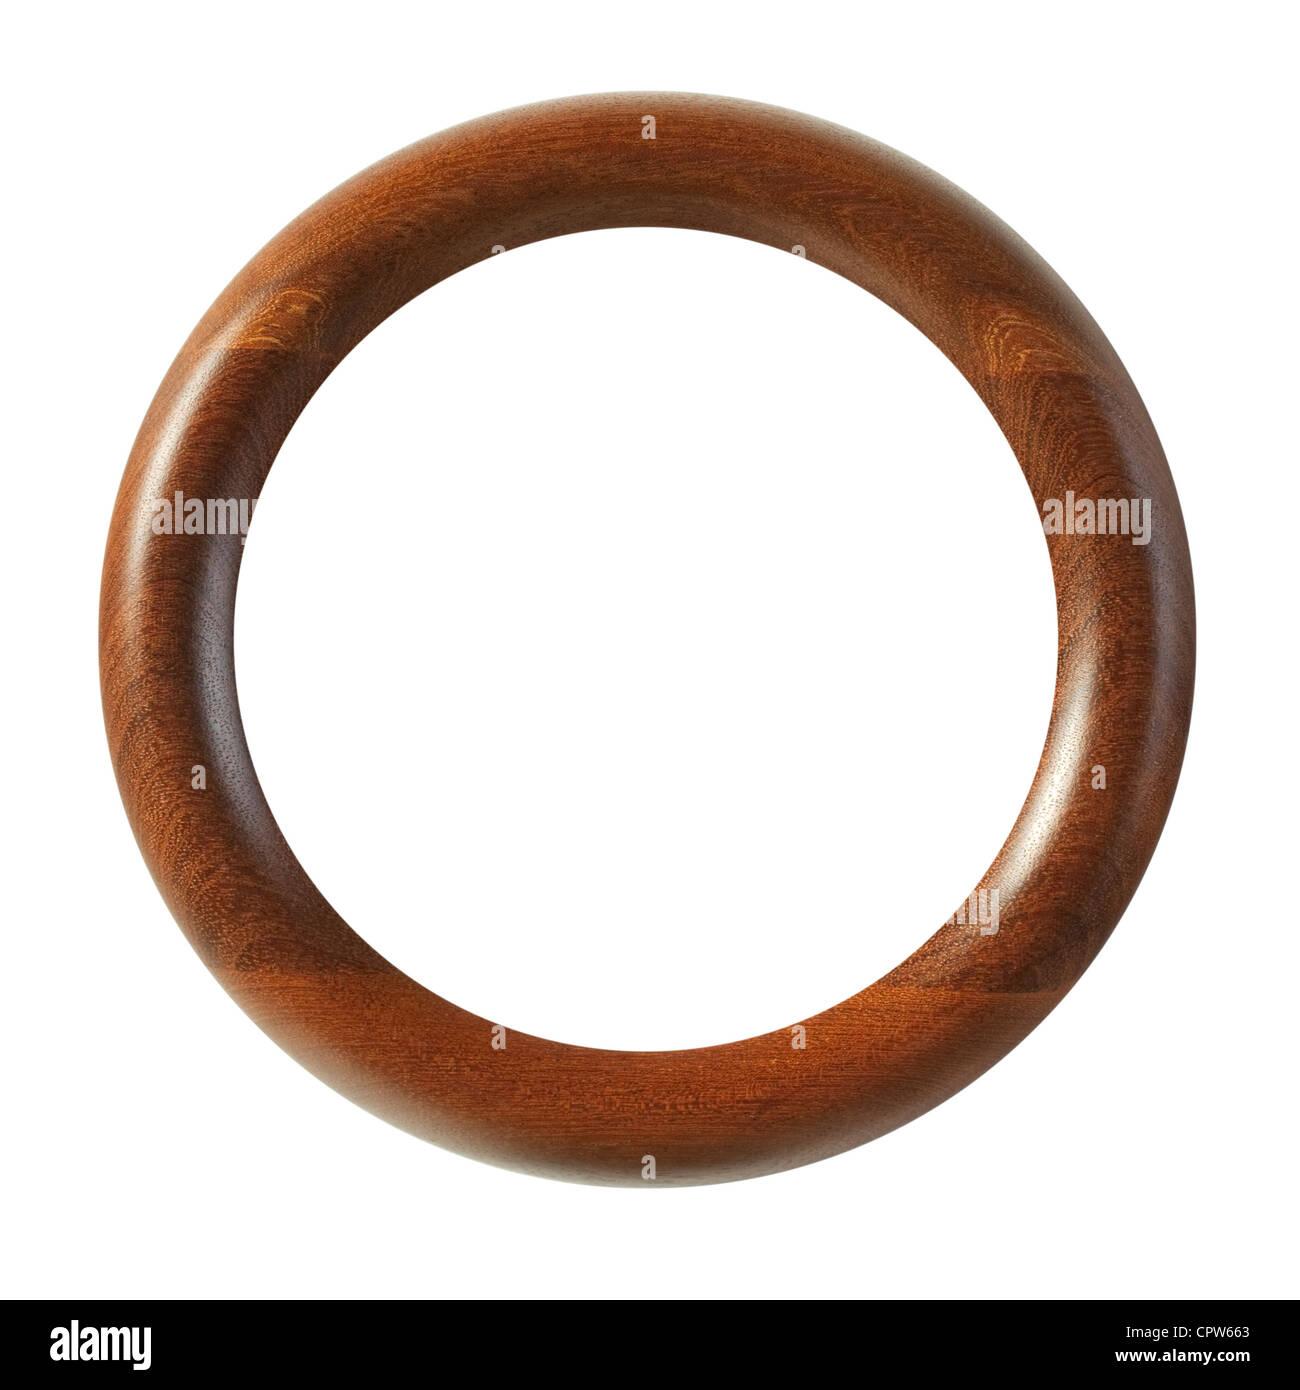 Round Picture Frame Stockfotos & Round Picture Frame Bilder - Alamy